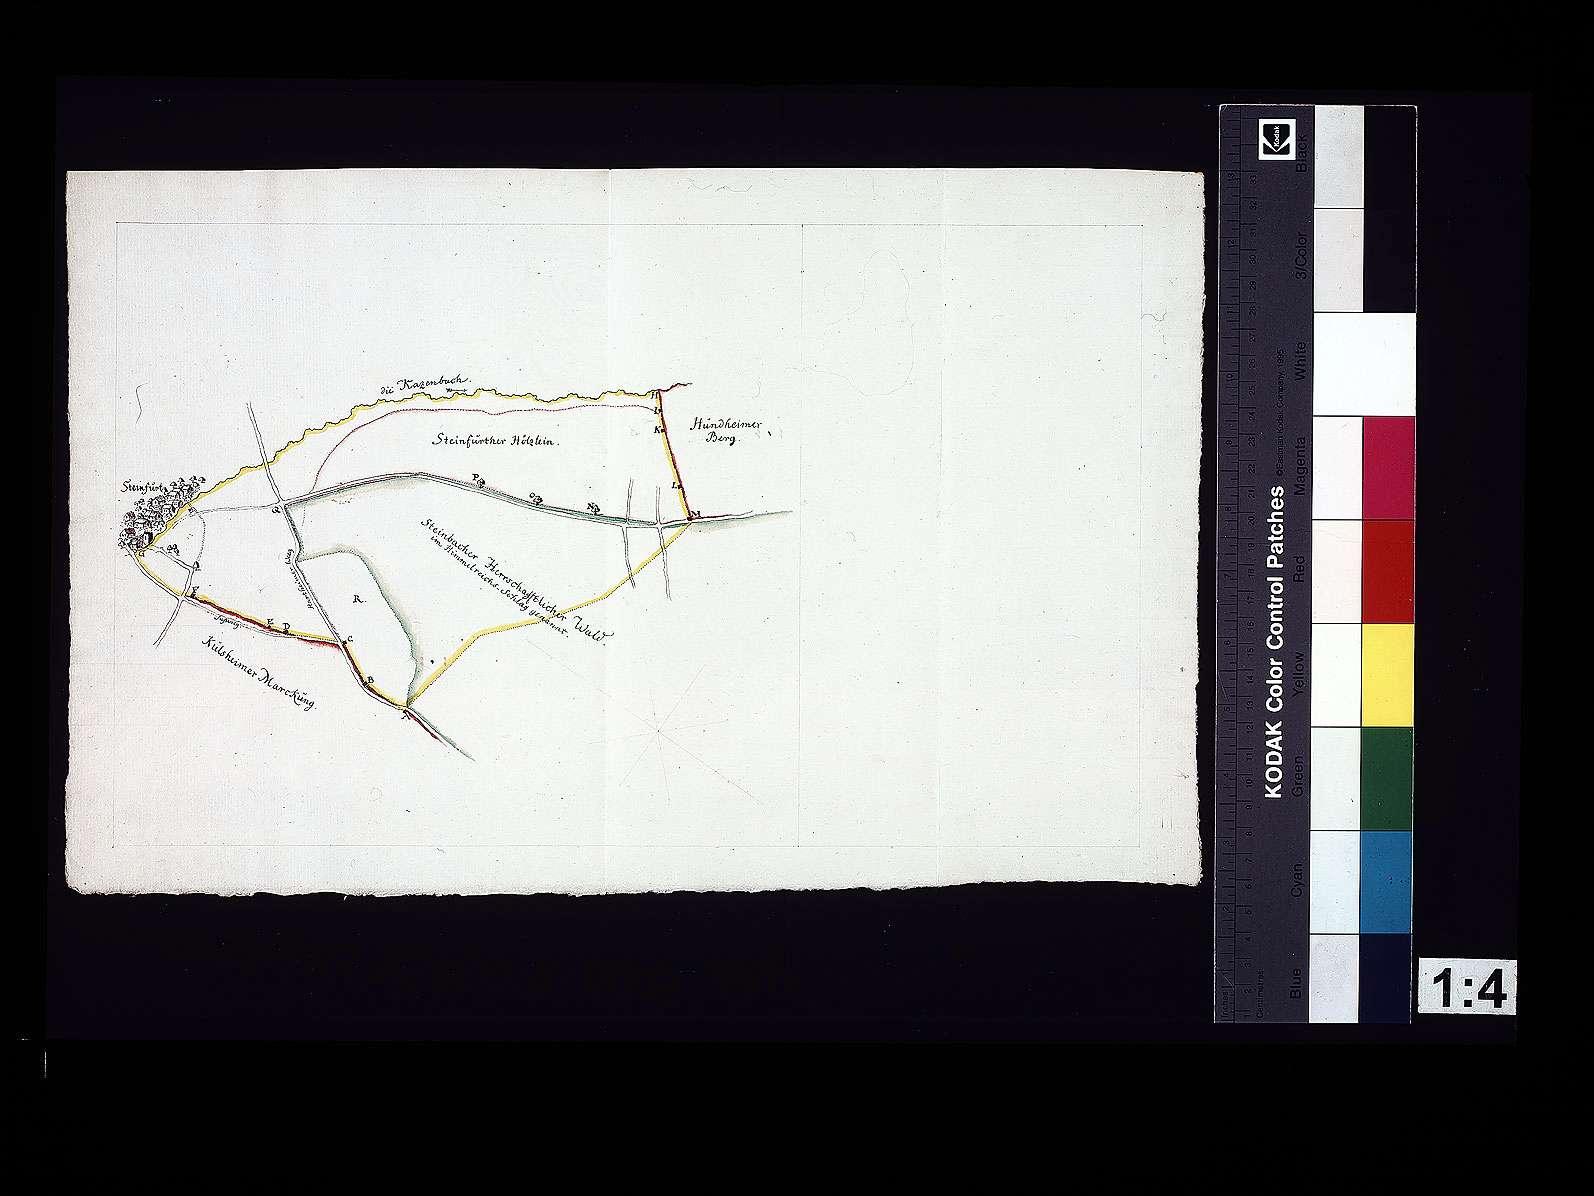 [Plan über die Grenze zwischen Steinbach und Steinfurt], Bild 1